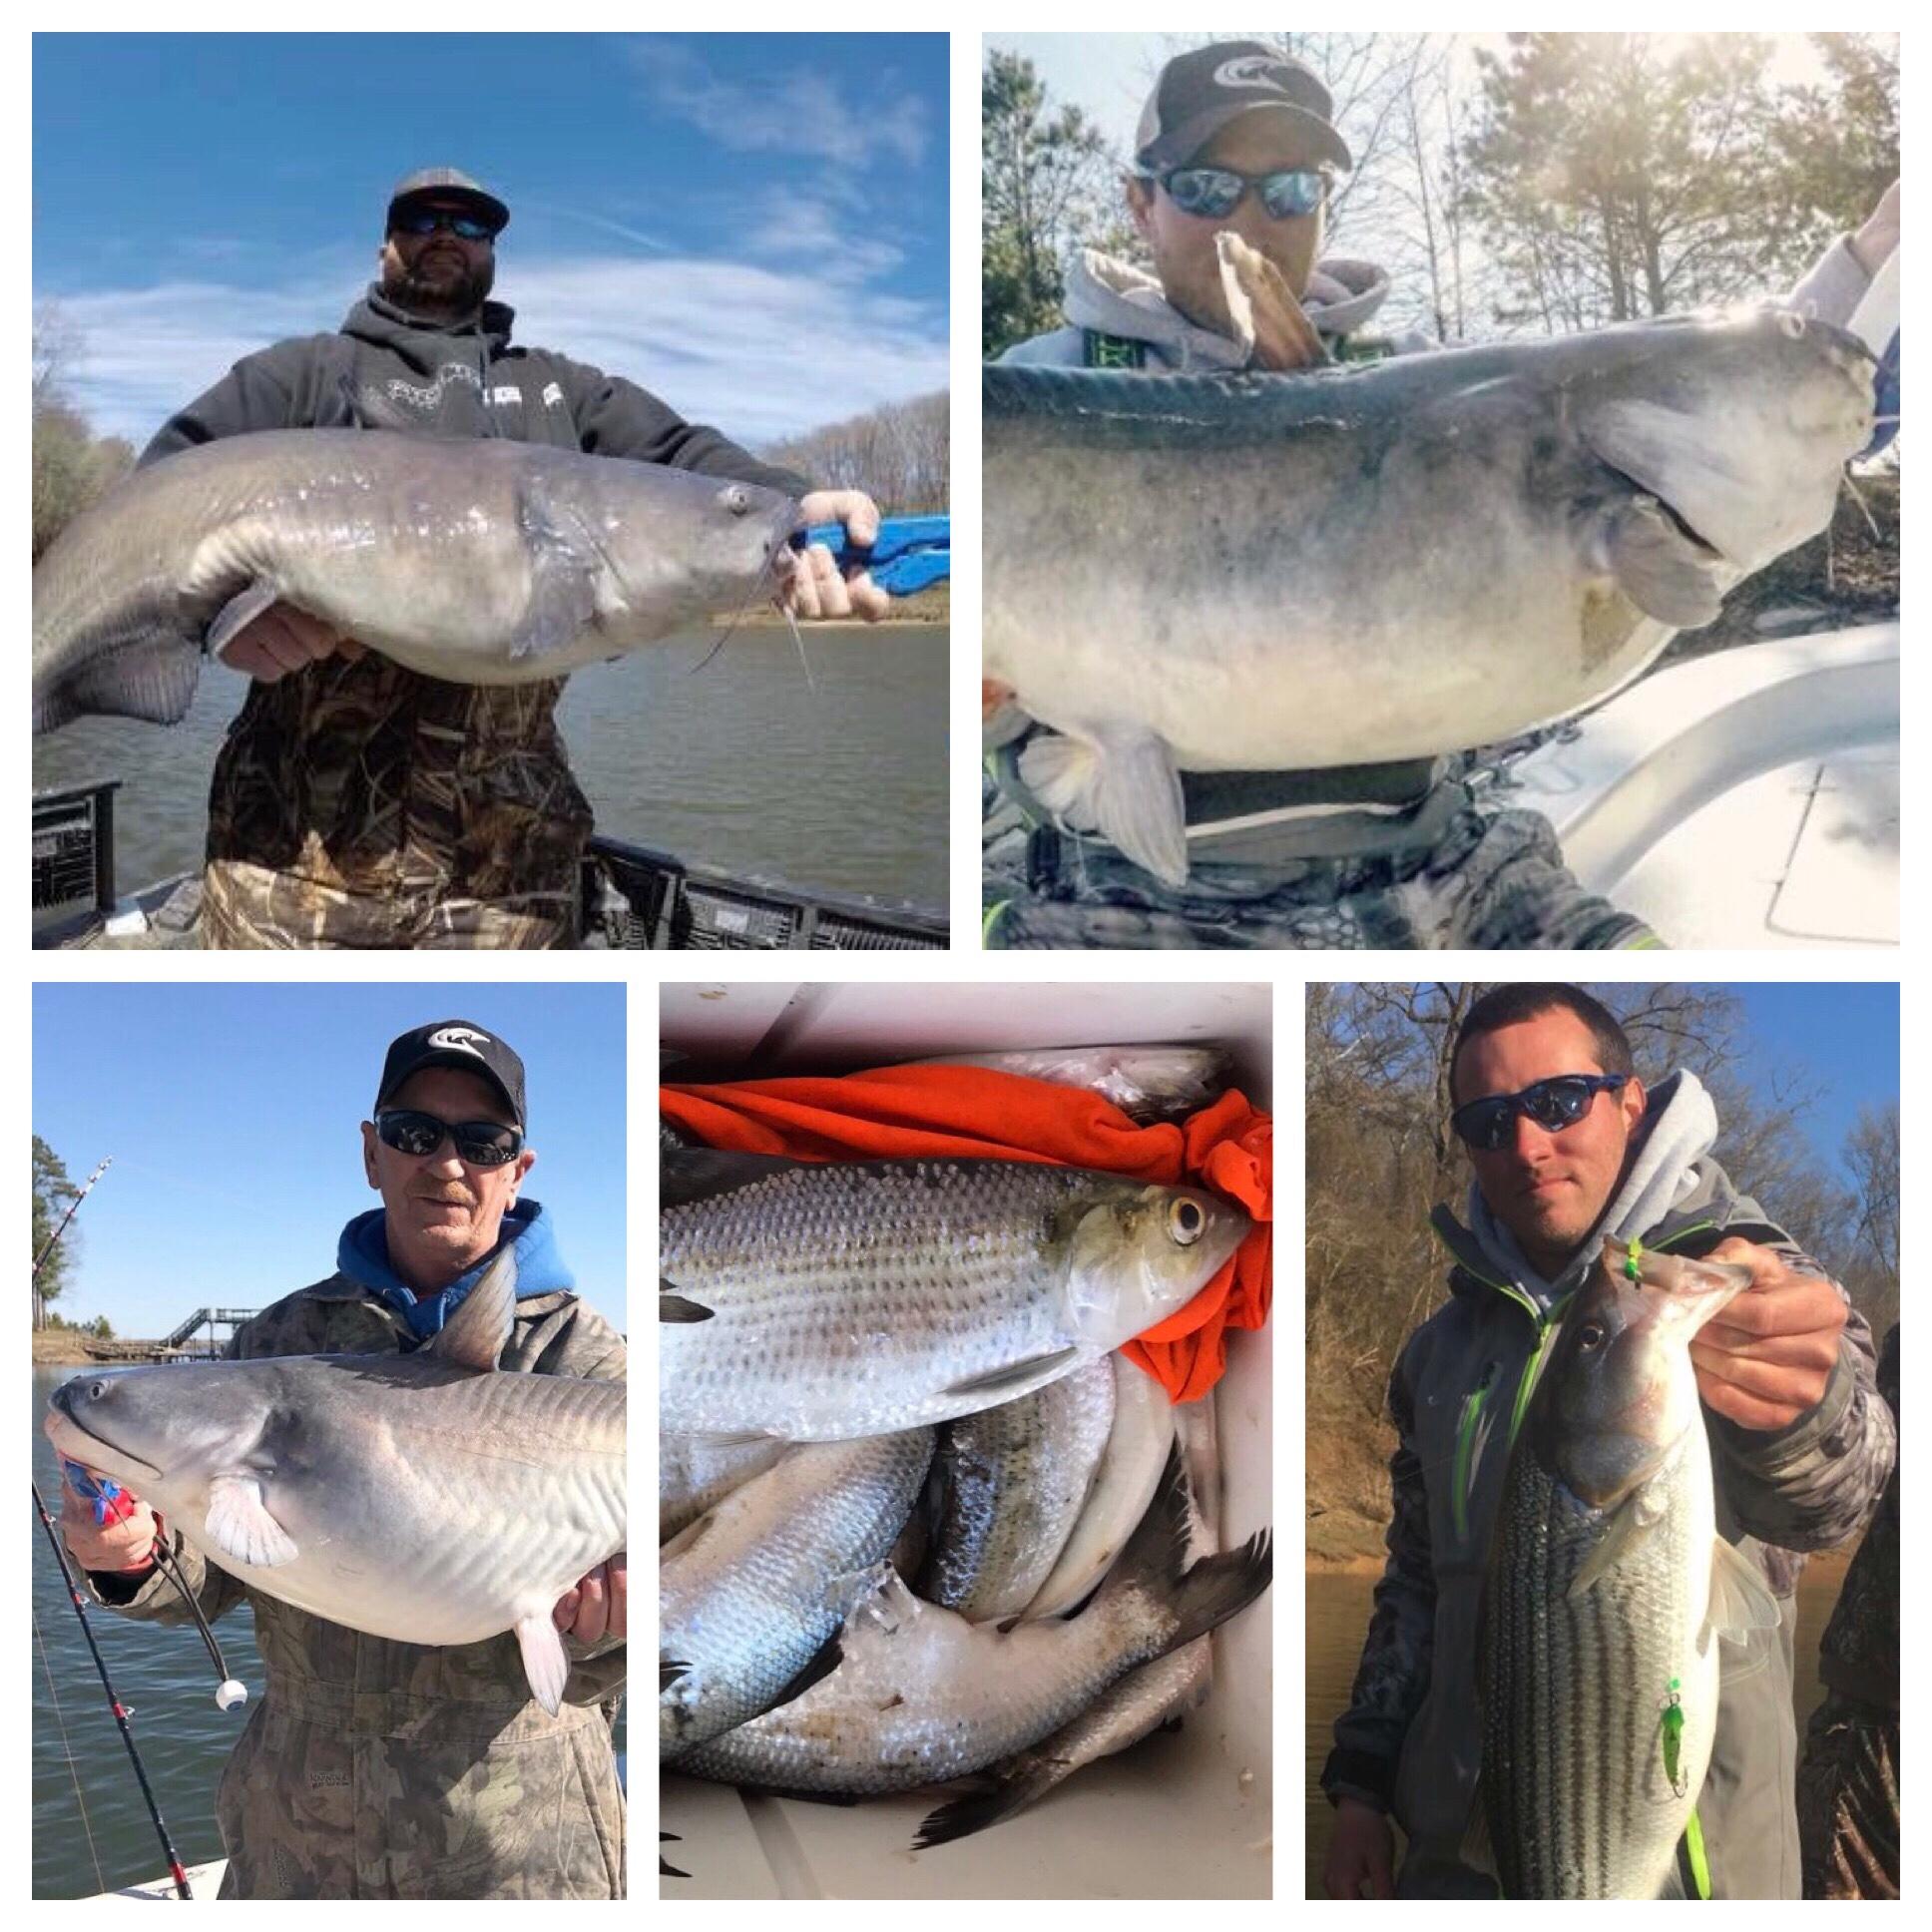 Lake gaston fishing report for Lake gaston fishing